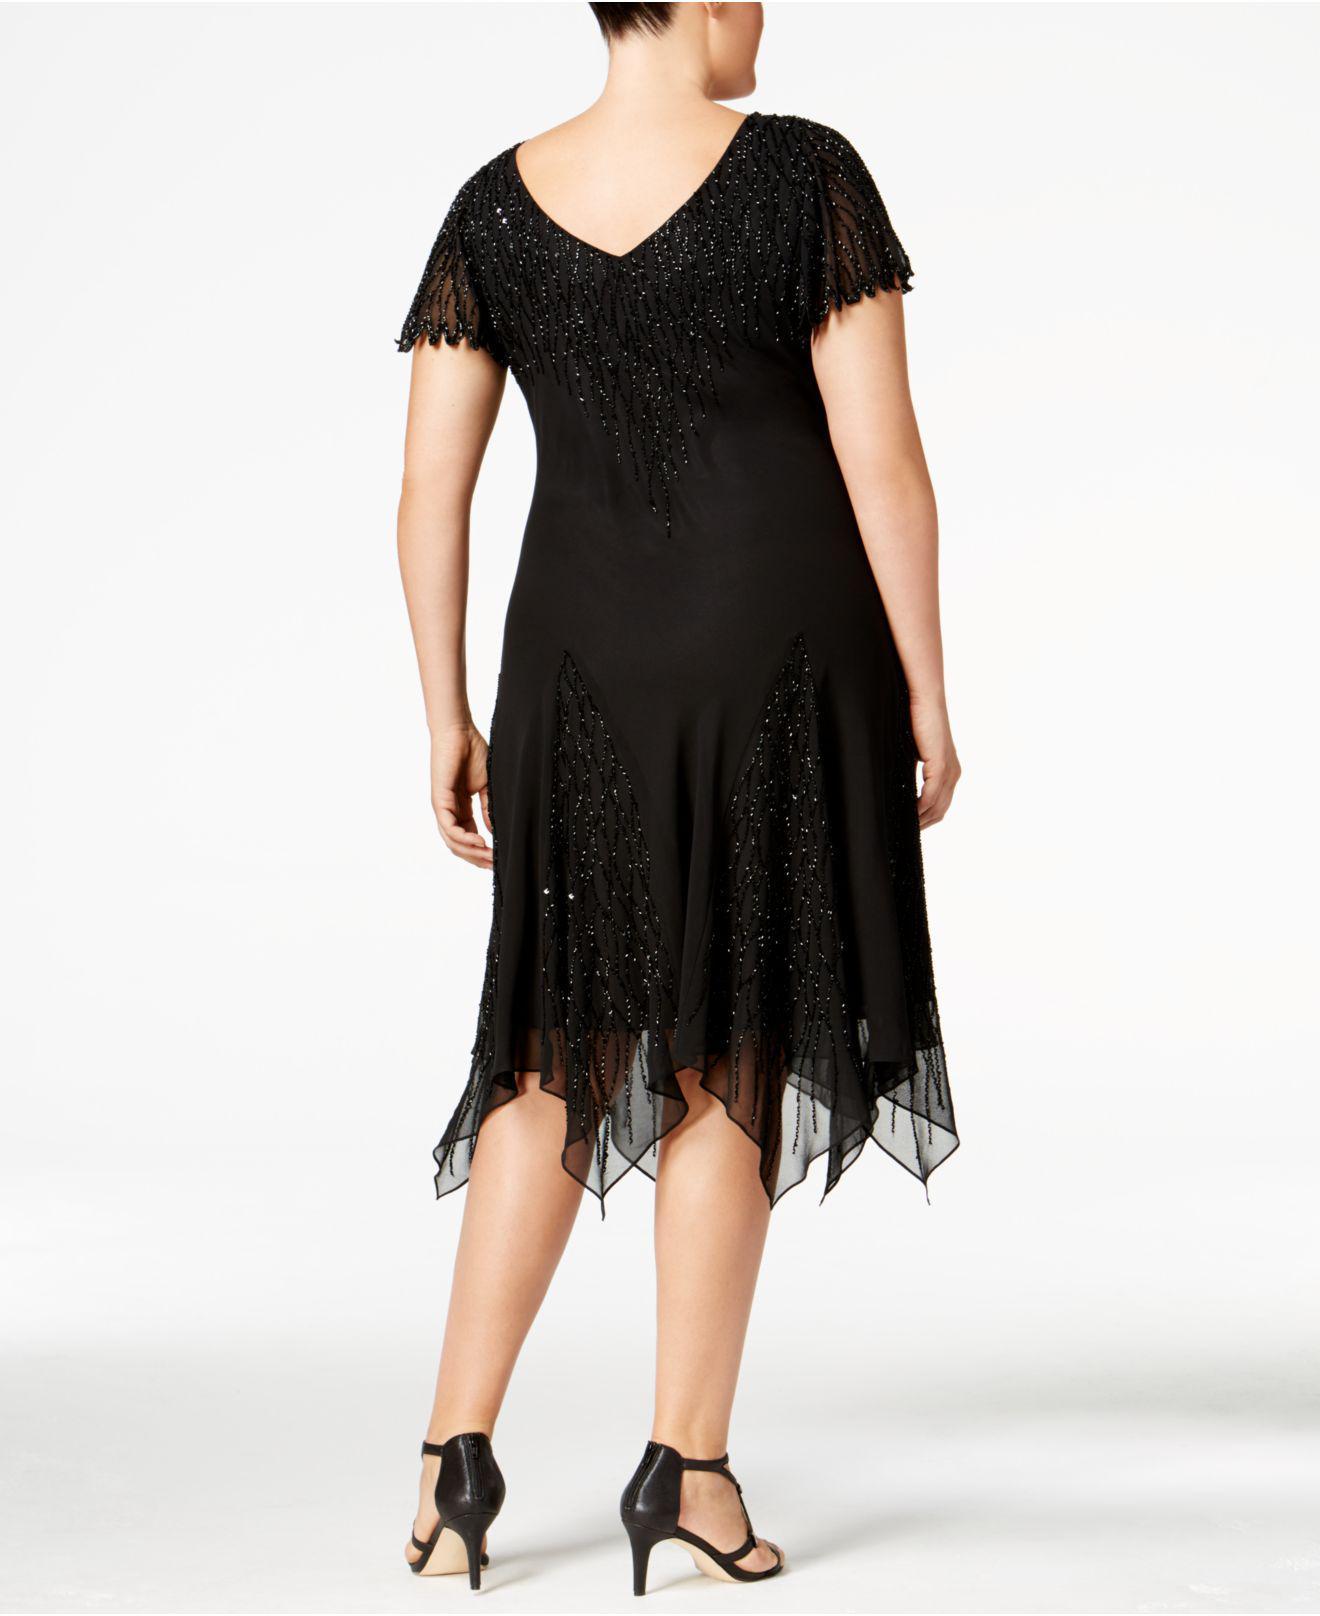 J Kara Dresses – Fashion dresses